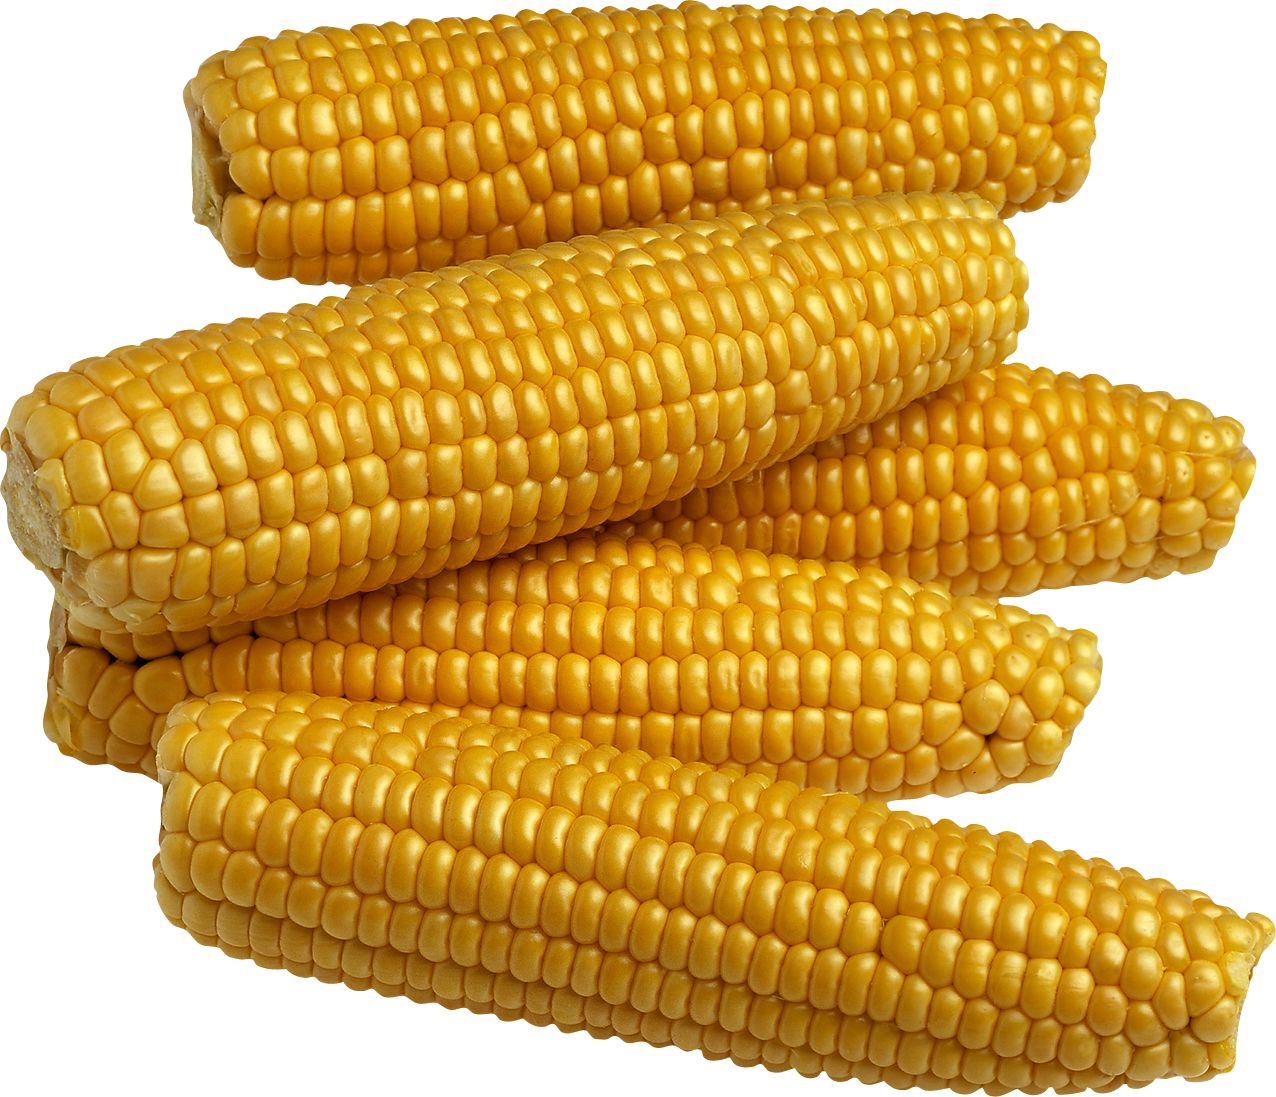 Flour clipart corn flour. Five isolated stock photo